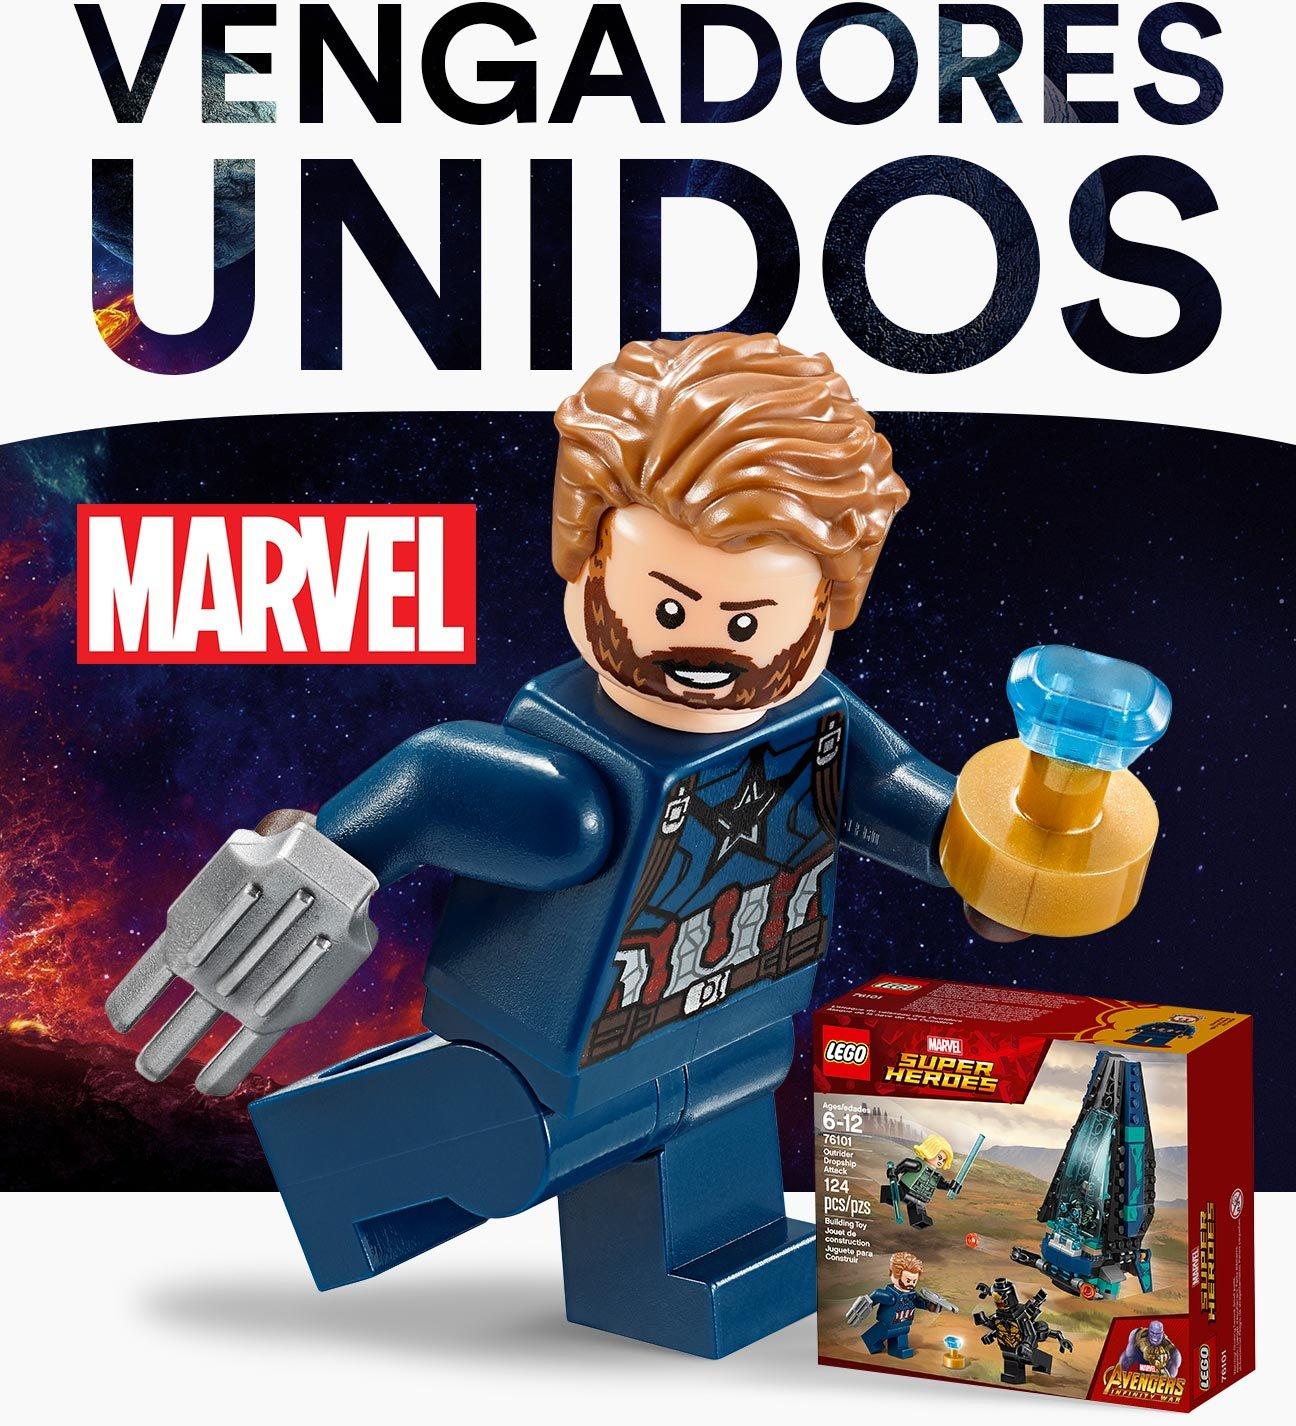 Coppel Thor Capitán América Iron Man Avengers